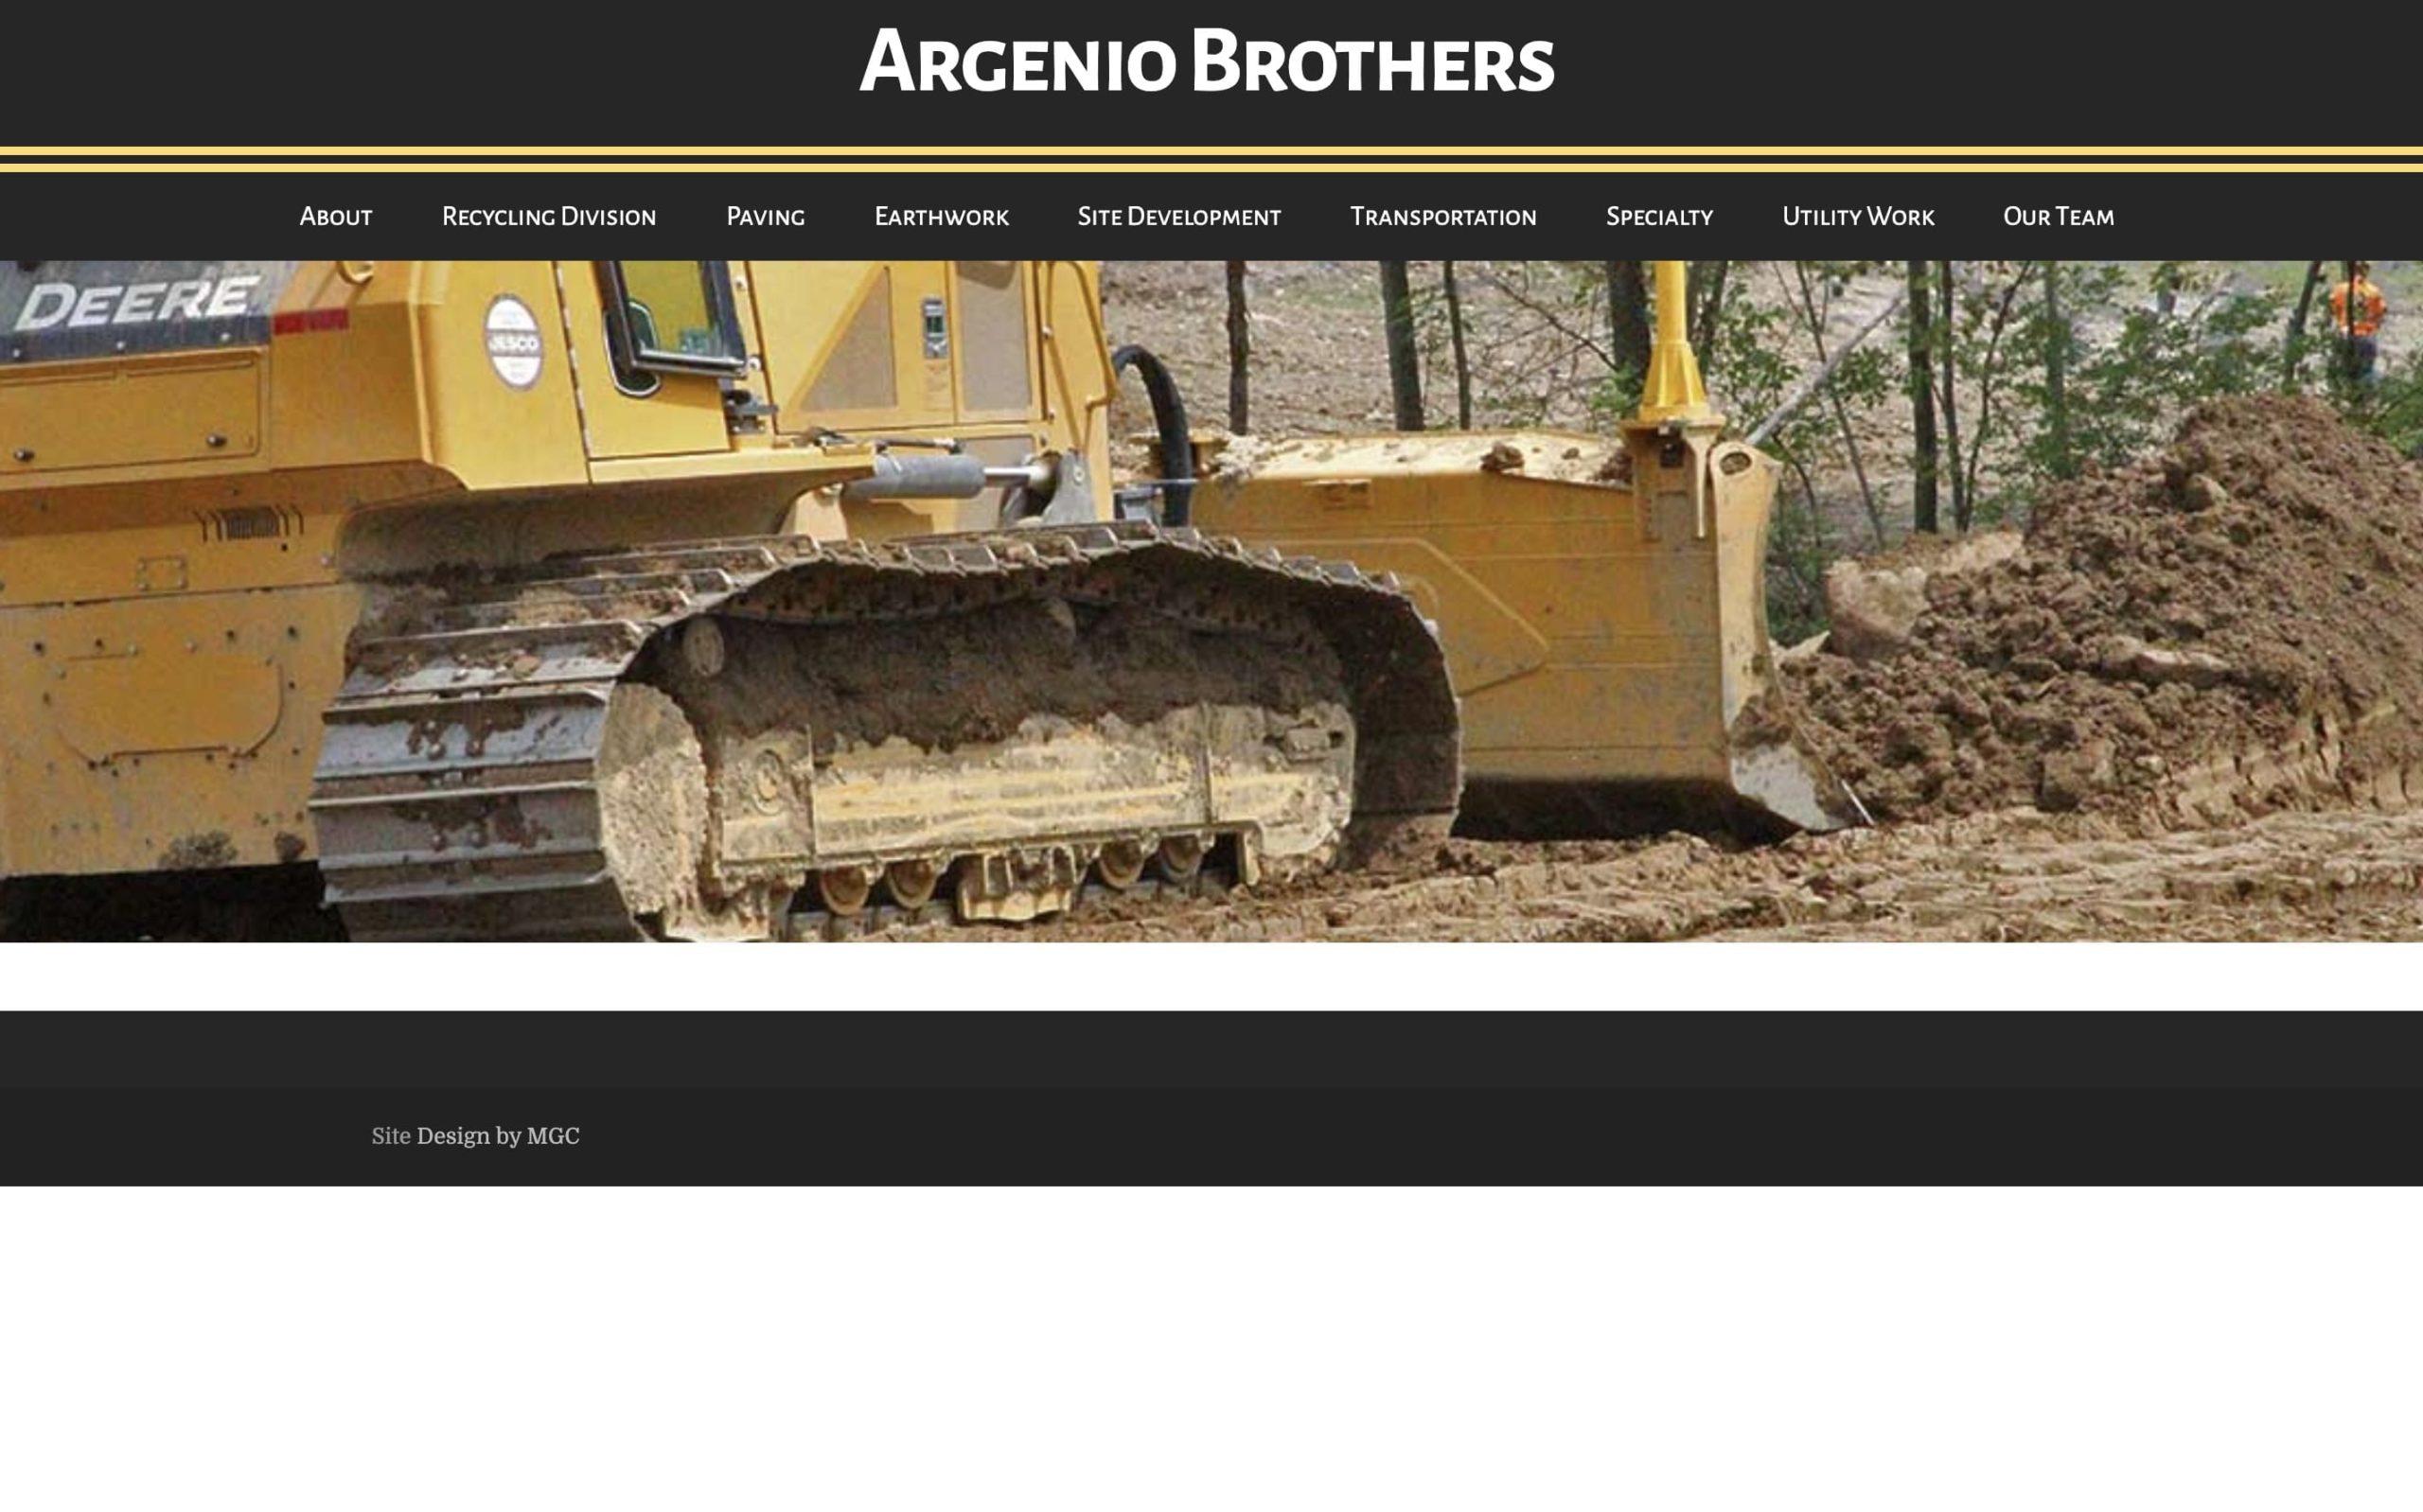 argenio brothers